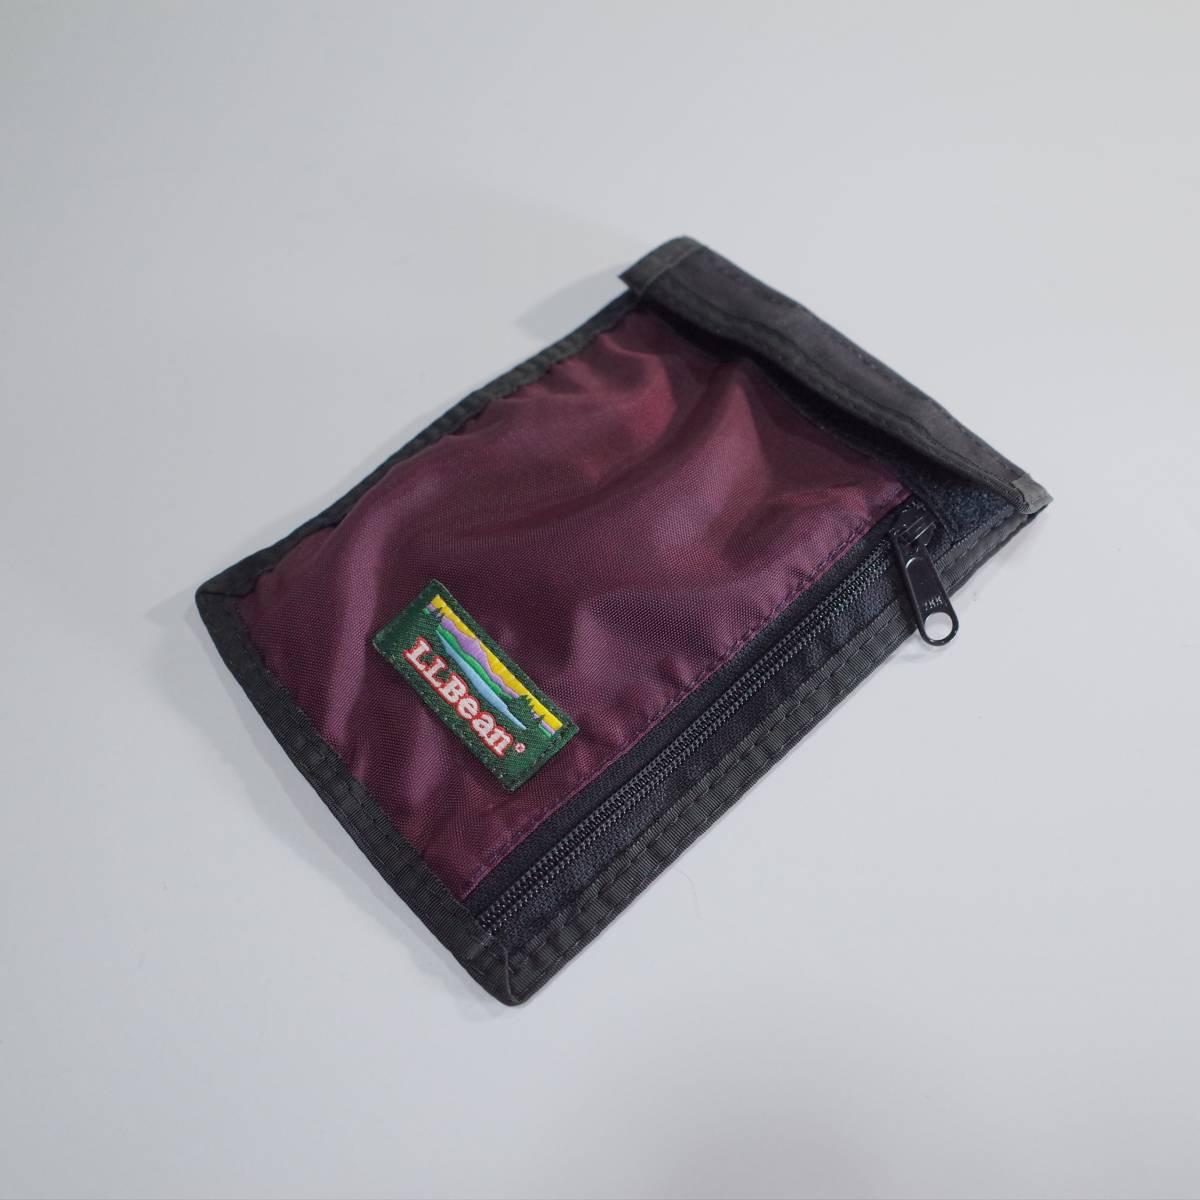 a2de460c6e81 代購代標第一品牌- 樂淘letao - 送料無料LL BEAN L.L.BEAN 80s 90s パスポートケースウォレットチケットケース ビンテージヴィンテージエンジ色ディープレッド